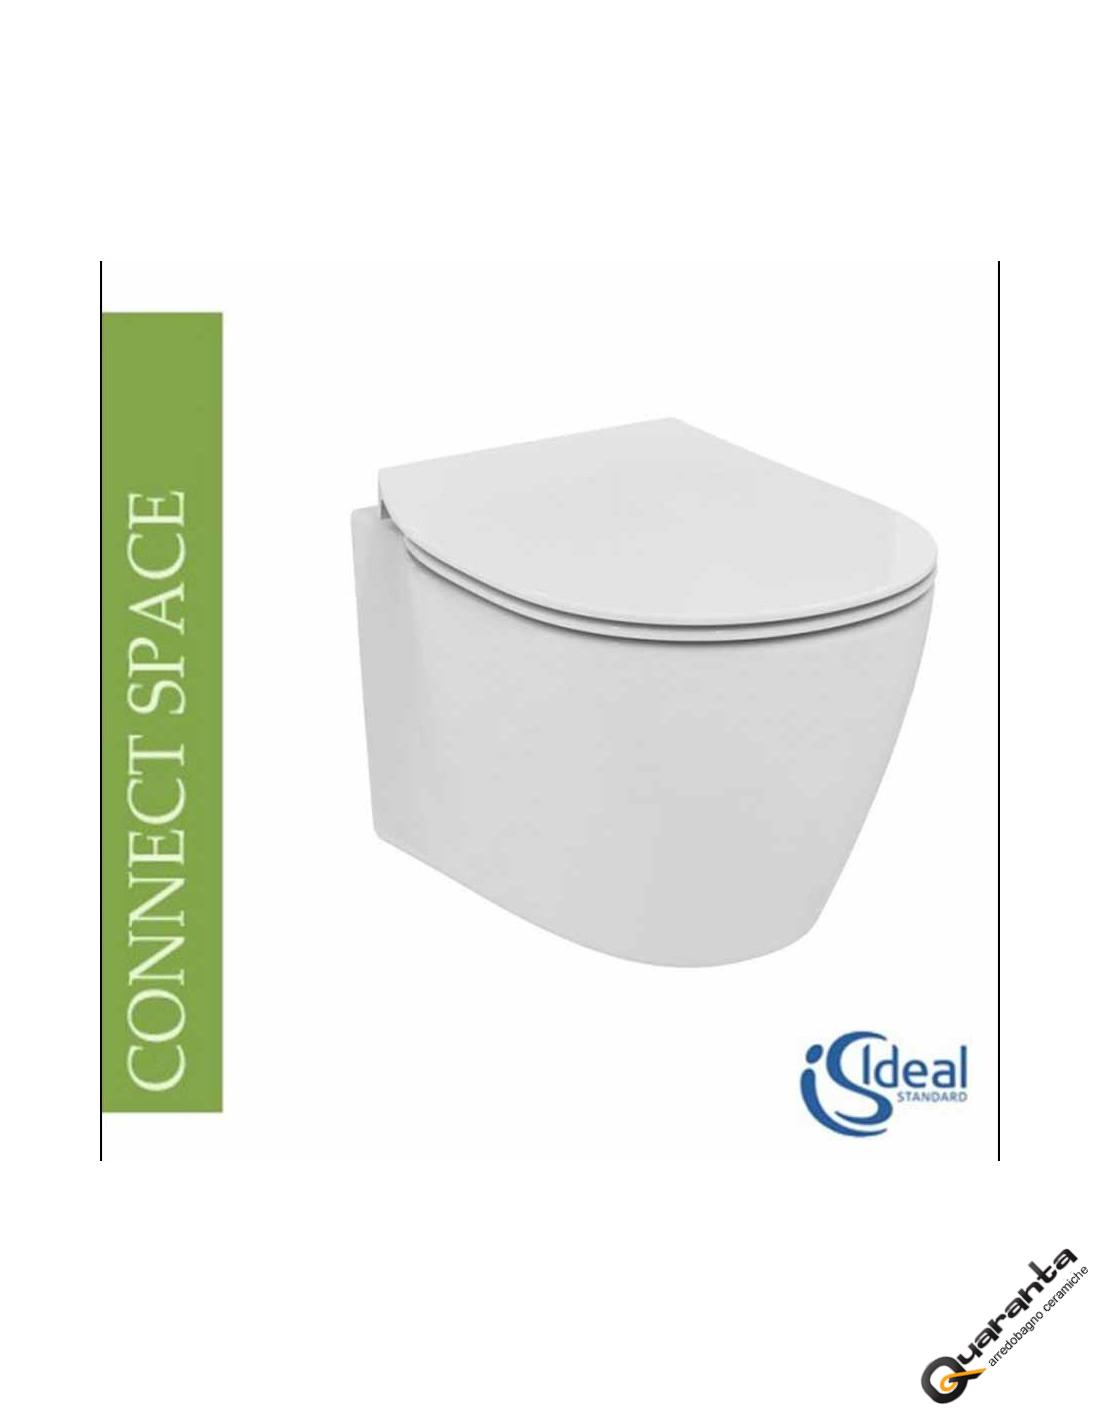 Ideal Standard Vaso Connect.Vaso Sospeso Ideal Standard Connect Space Completo Di Coprivaso Rallentato